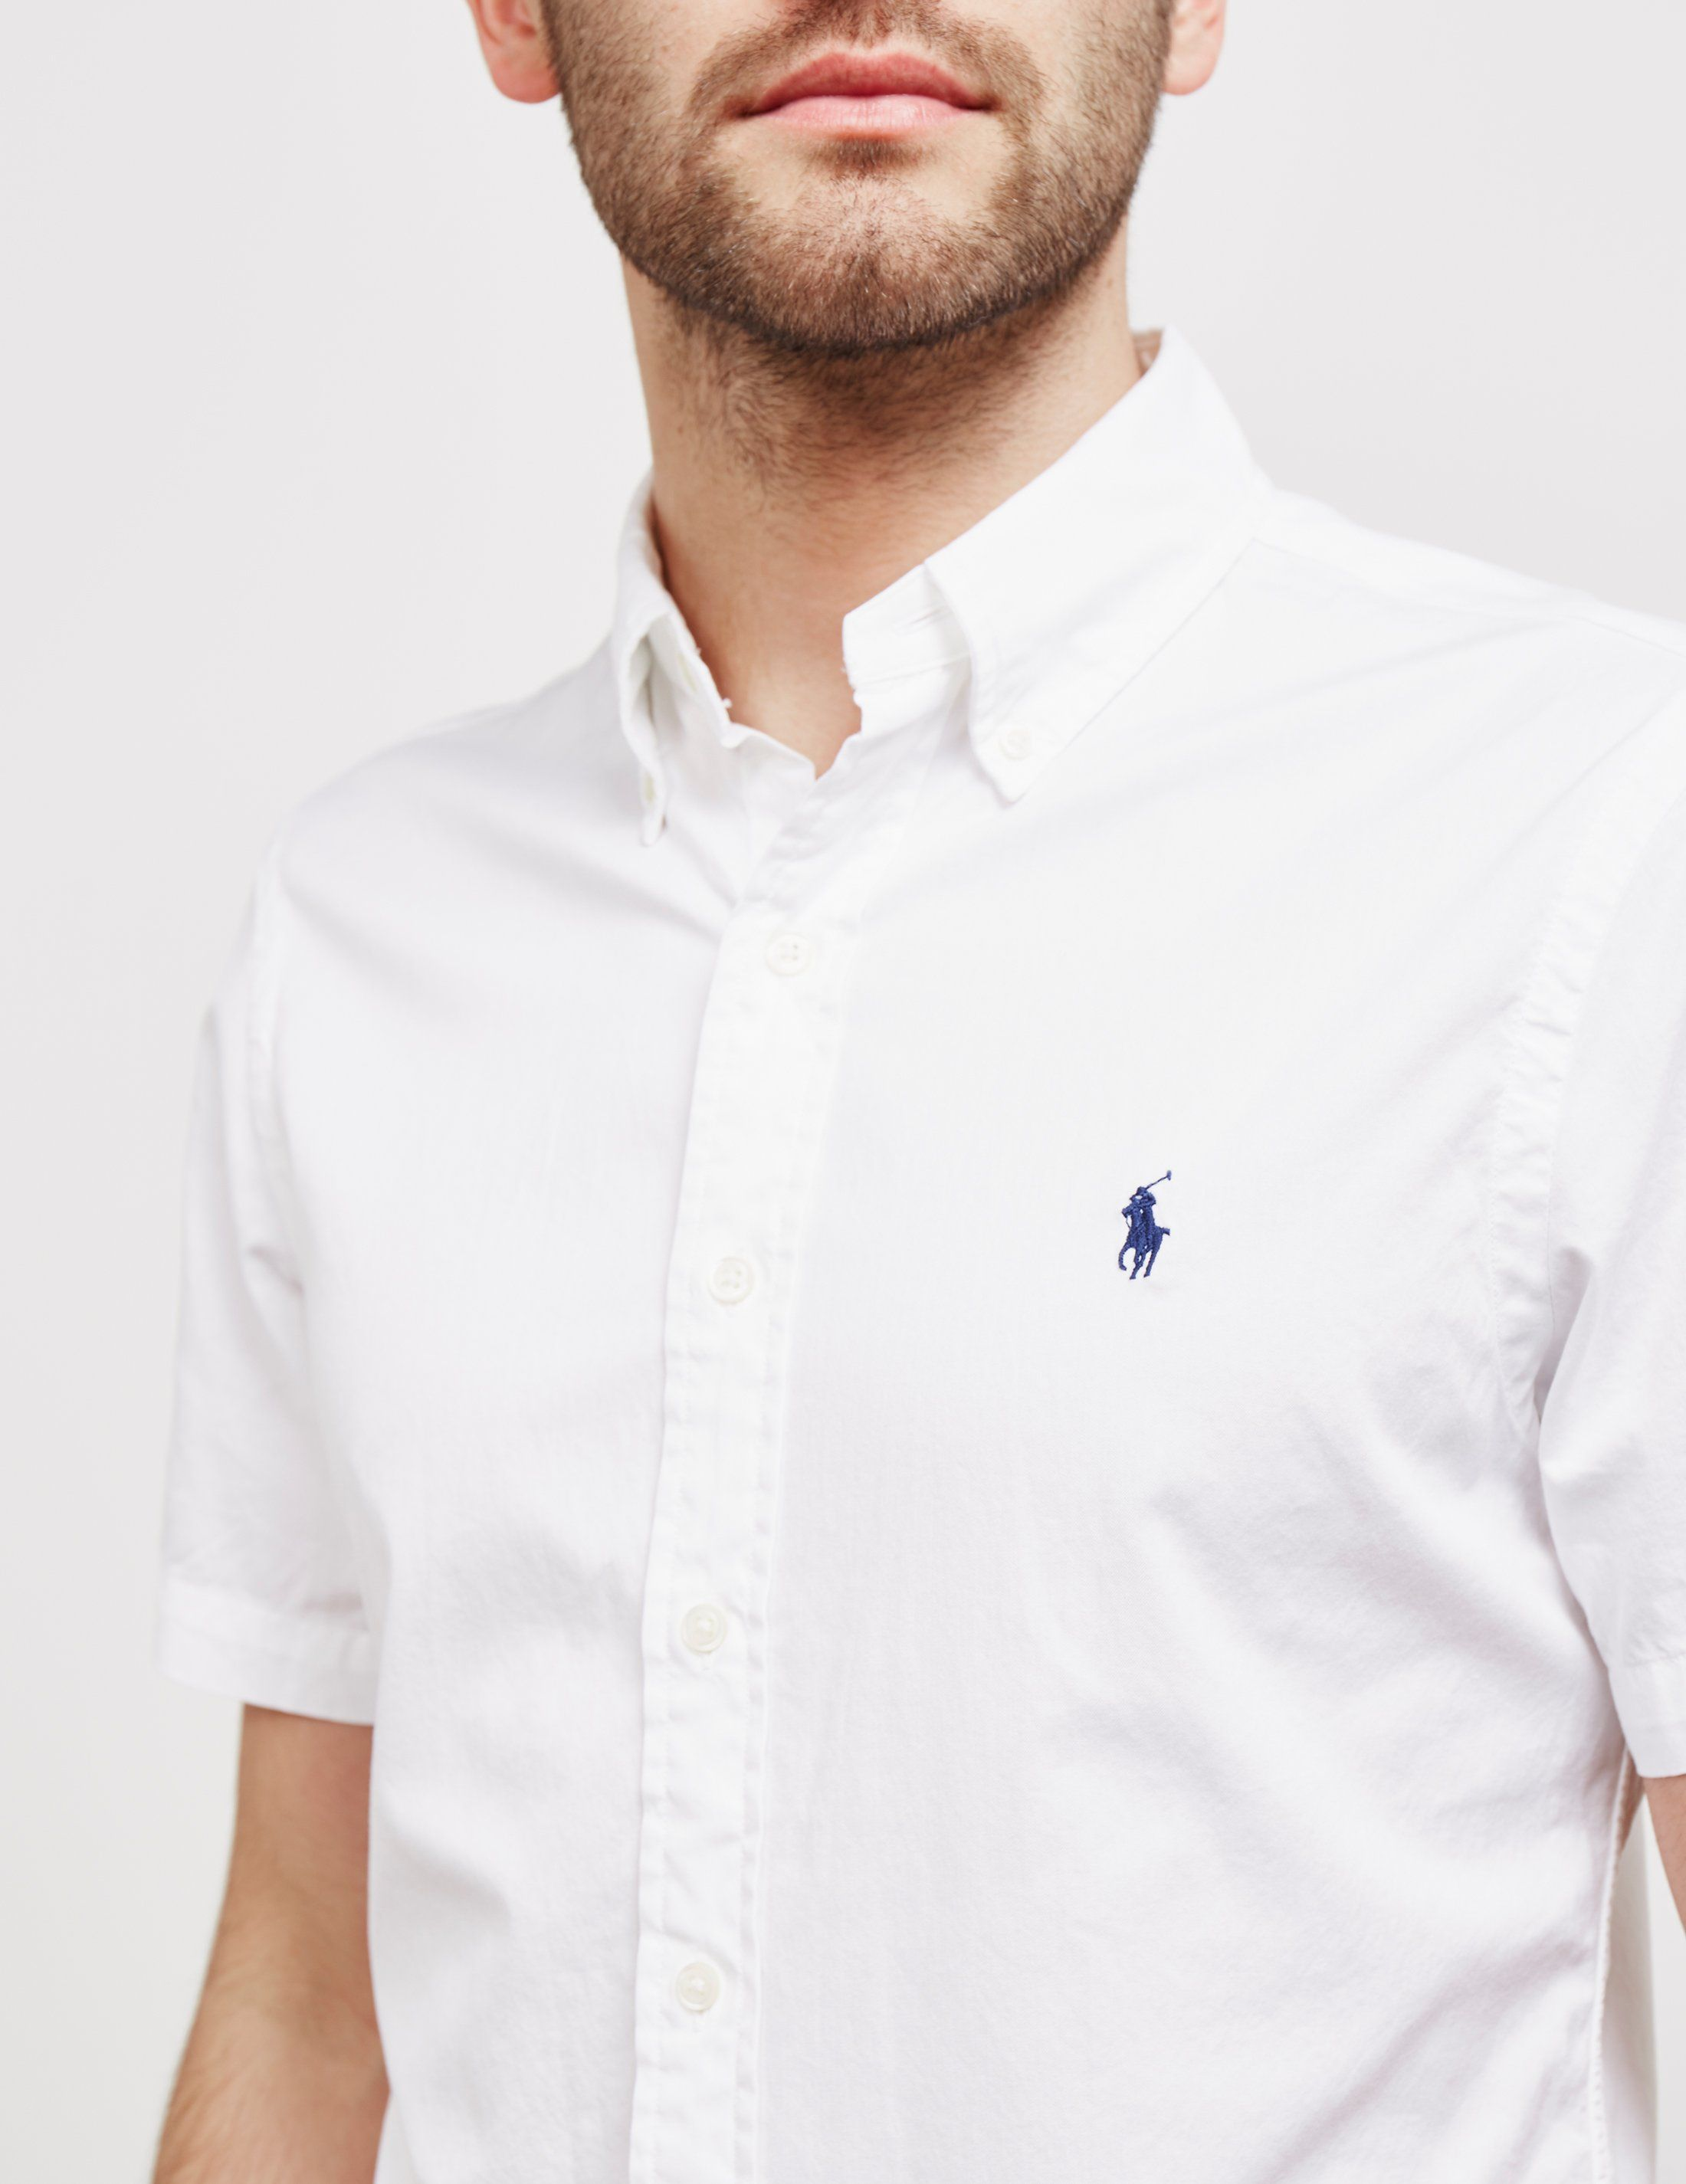 Polo Ralph Lauren Garment Dyed Short Sleeve Shirt